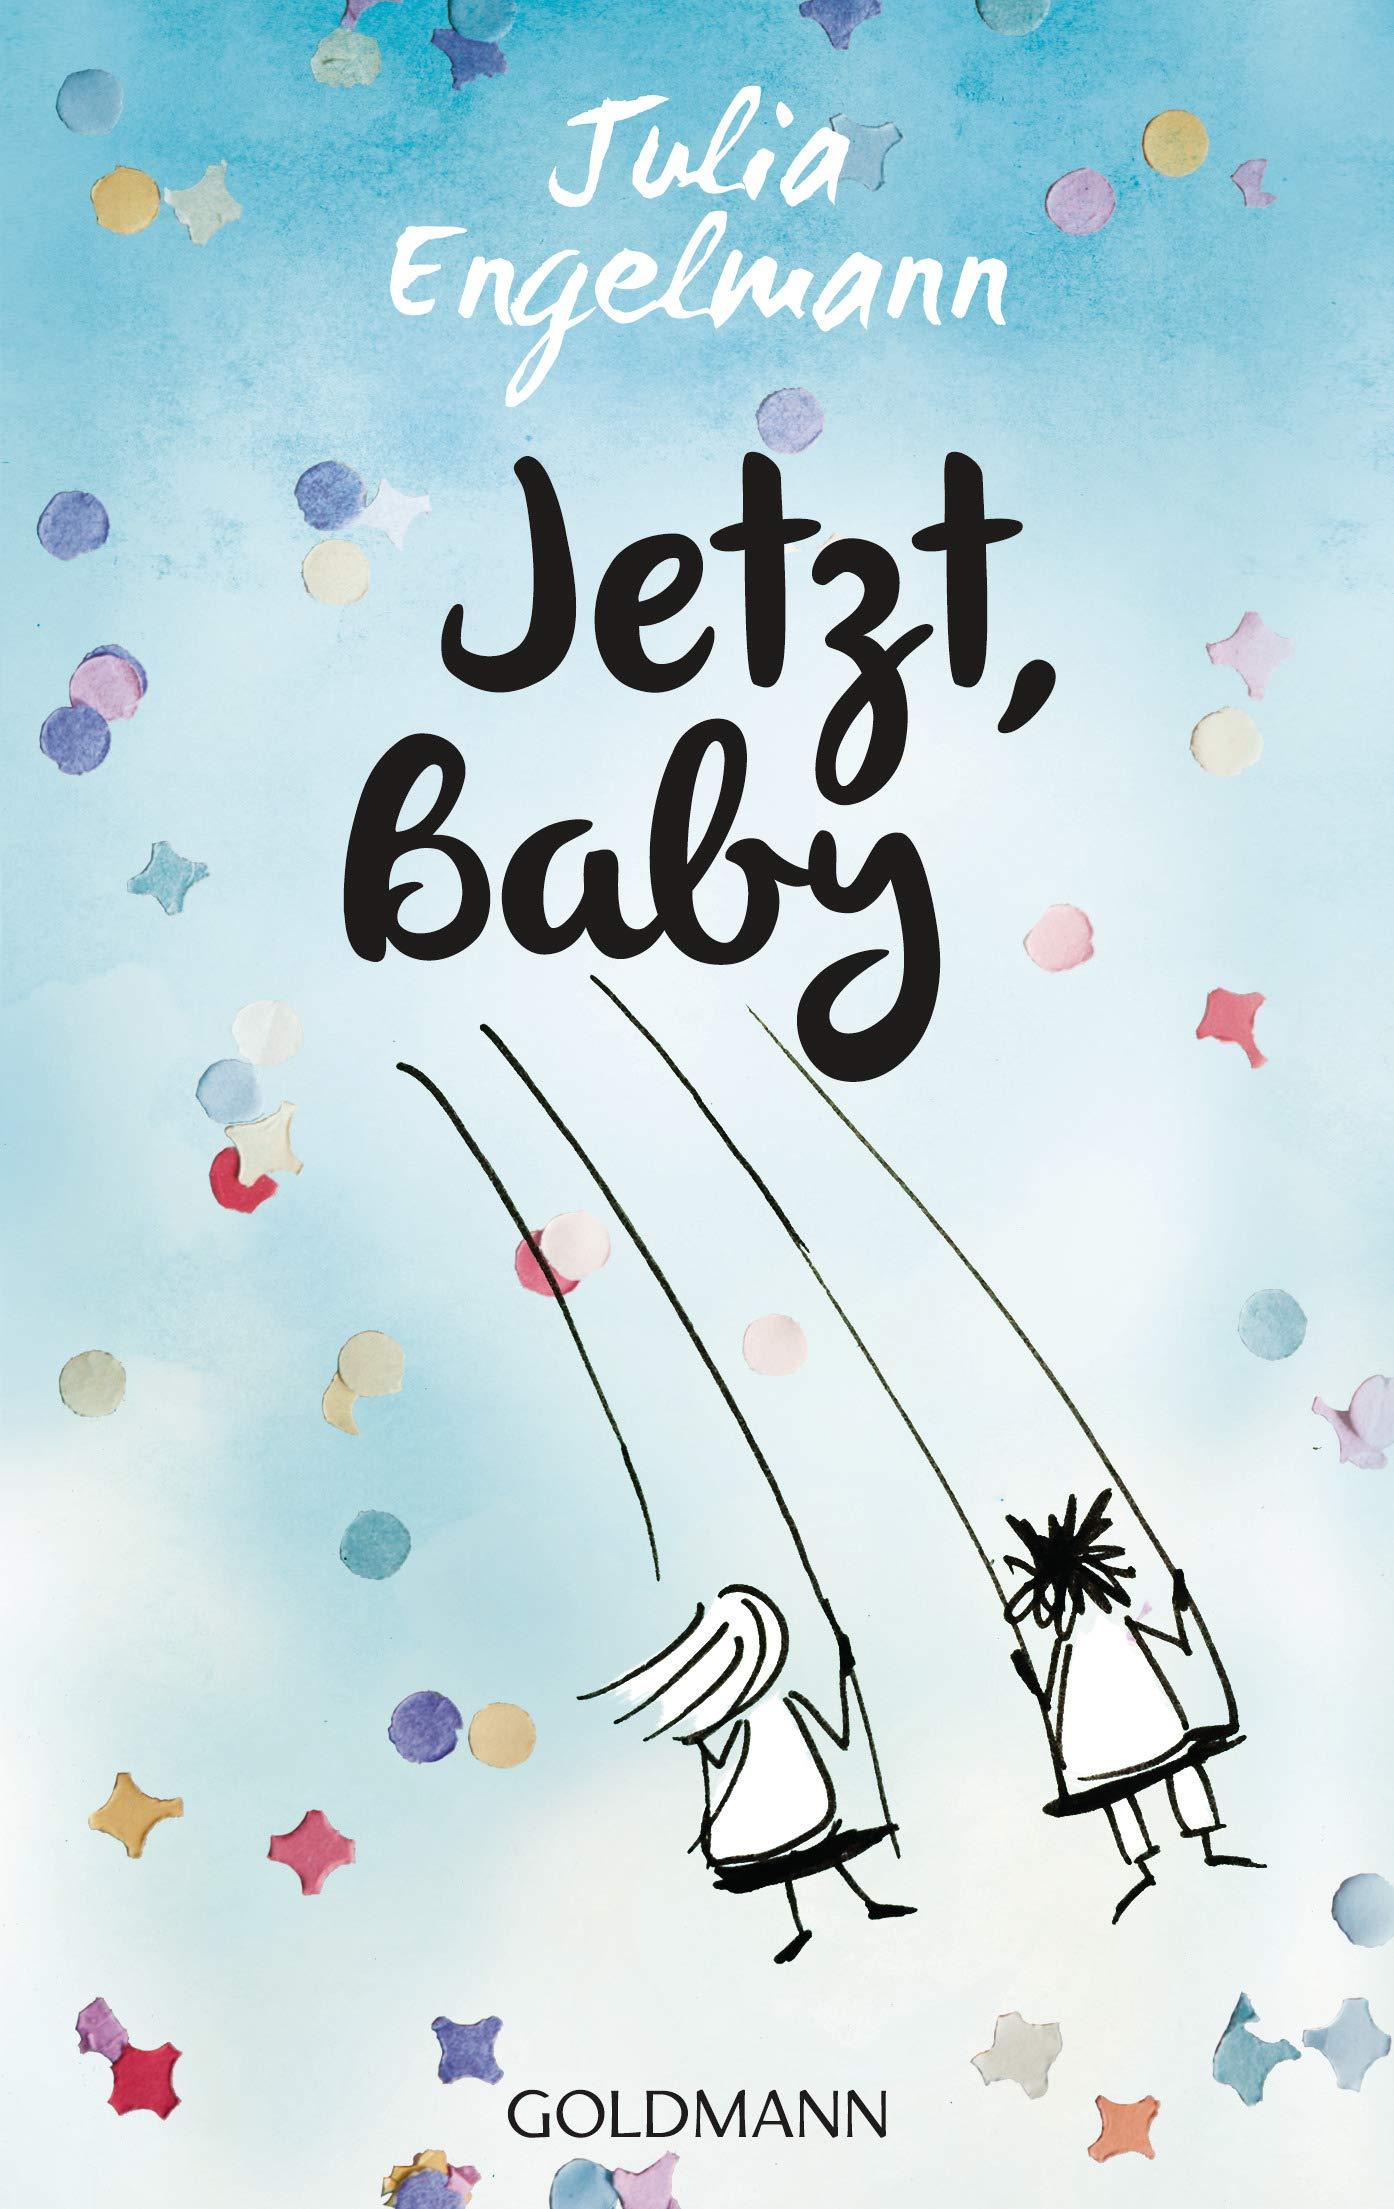 Jetzt, Baby: Neue Poetry-Slam-Texte Taschenbuch – 17. Oktober 2016 Julia Engelmann Goldmann Verlag 3442485681 2010 bis 2019 n. Chr.